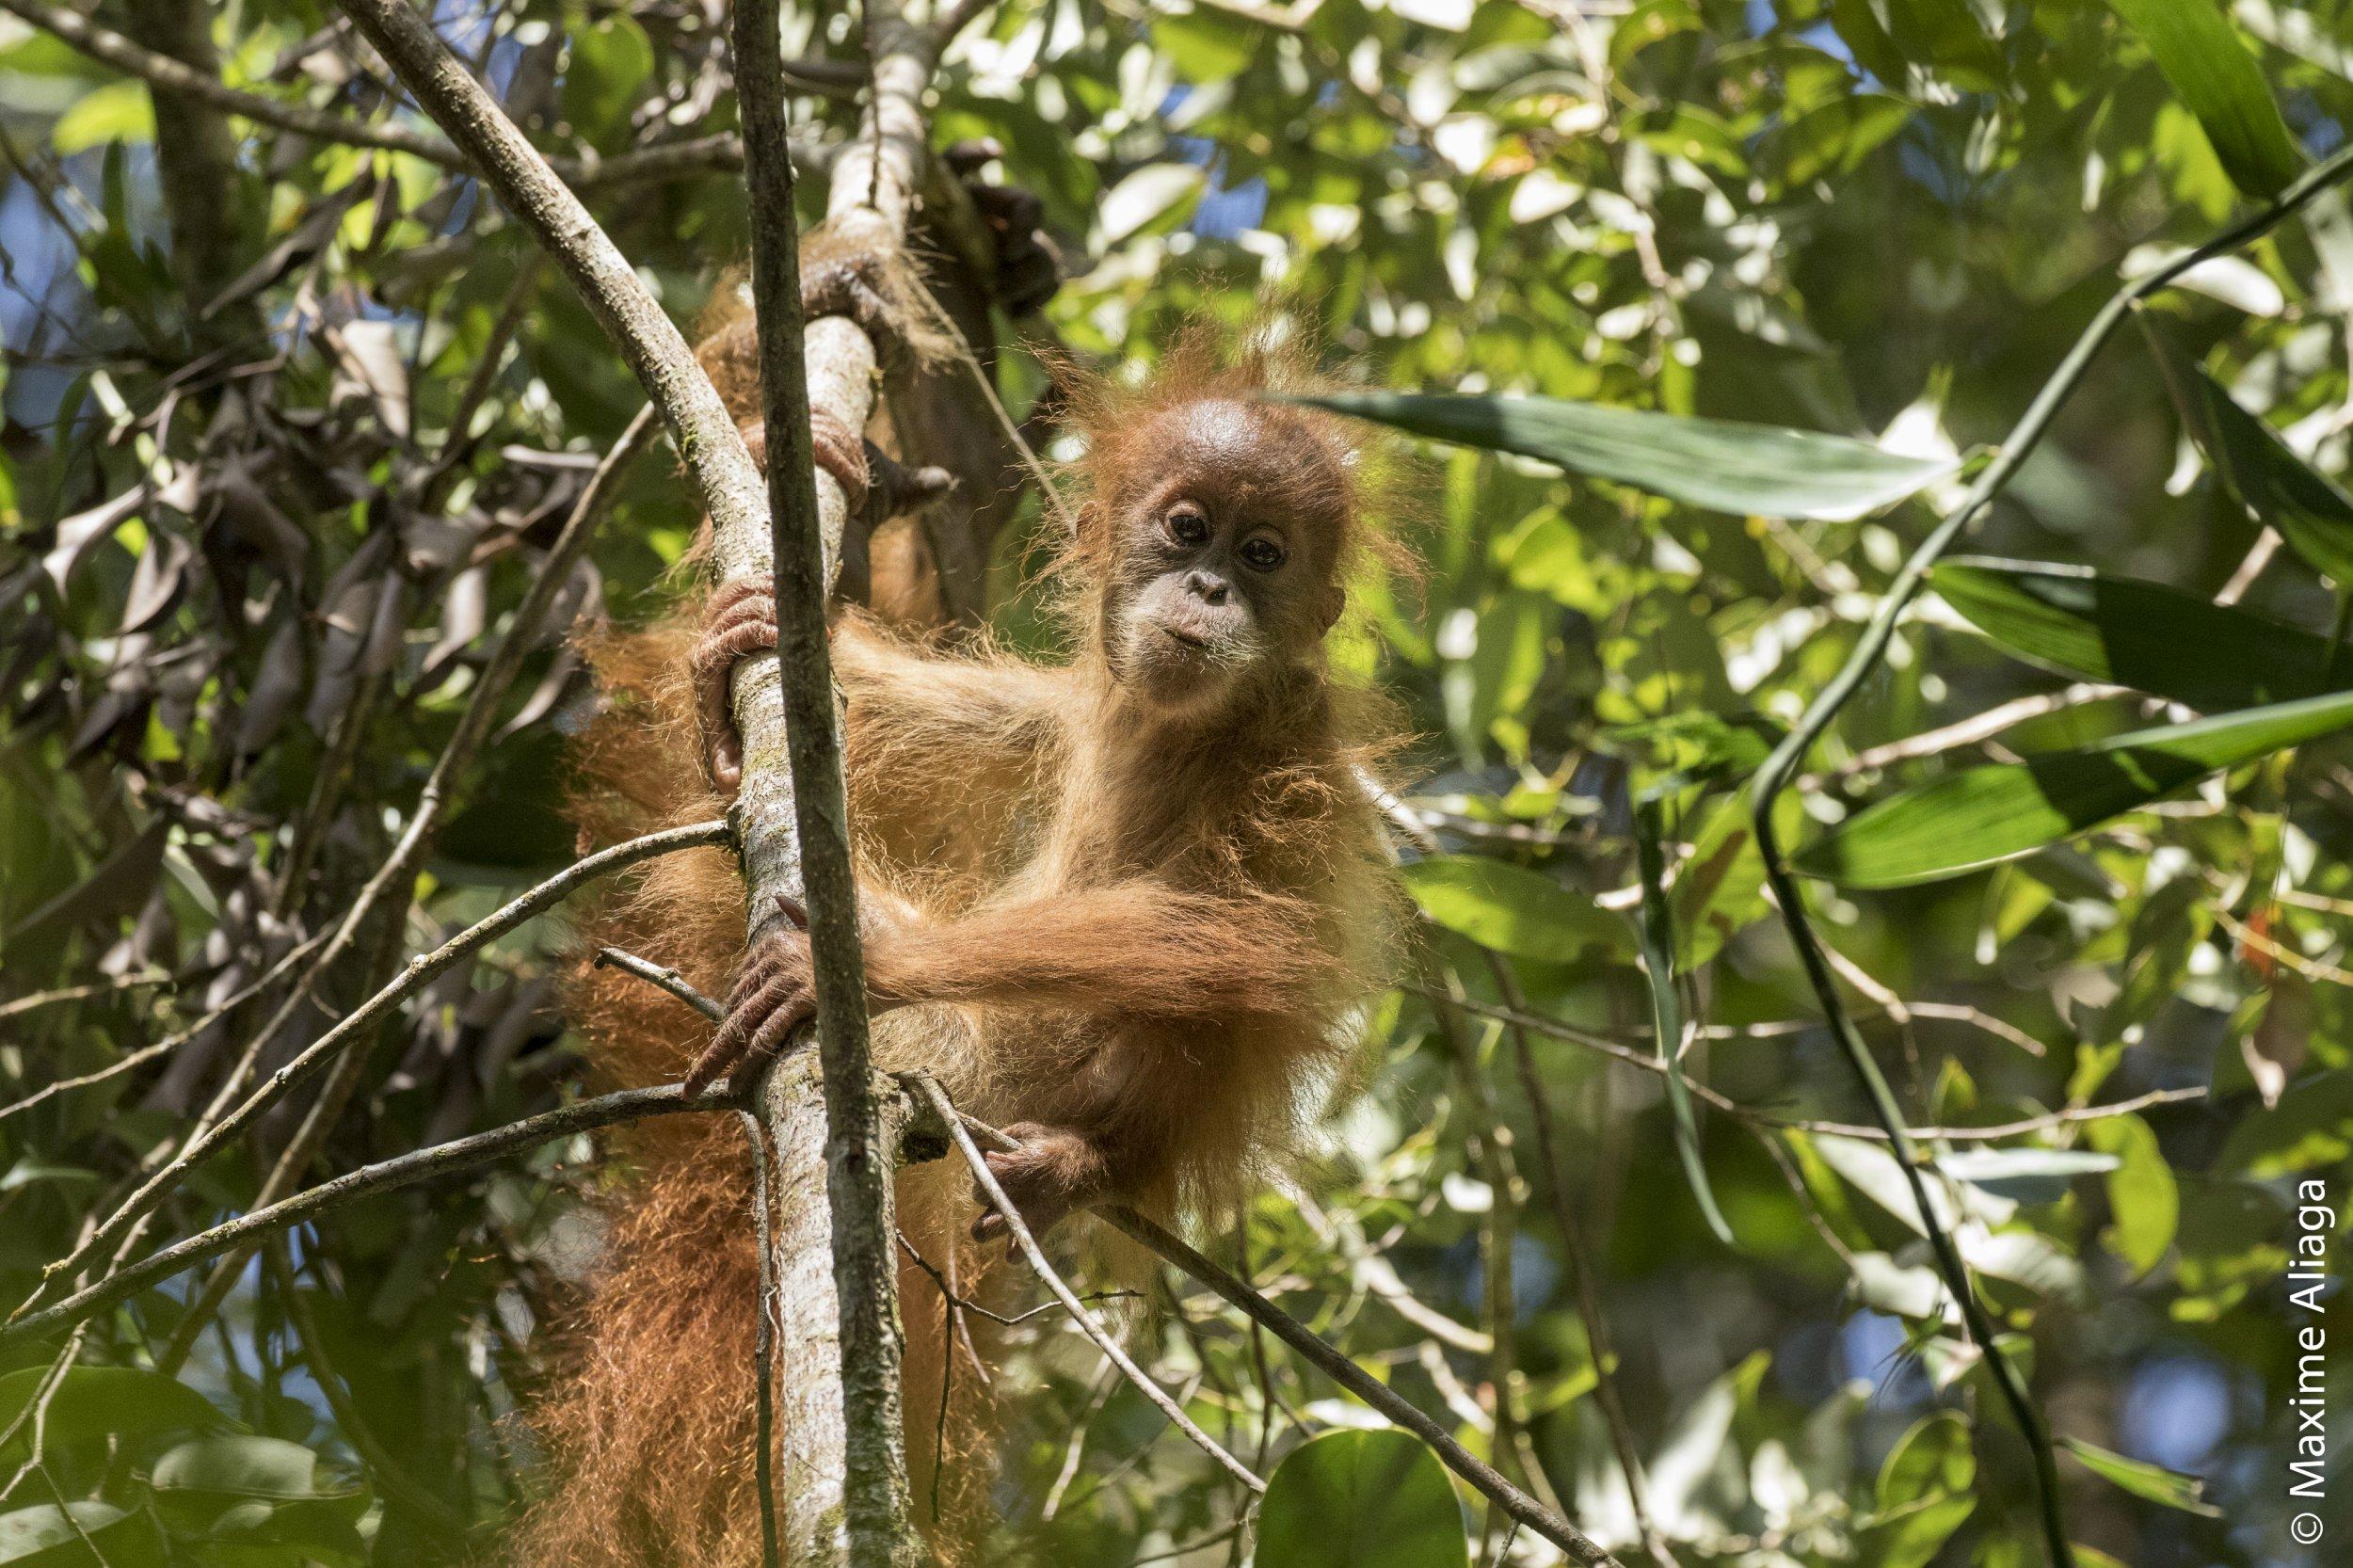 Baby_orangutan